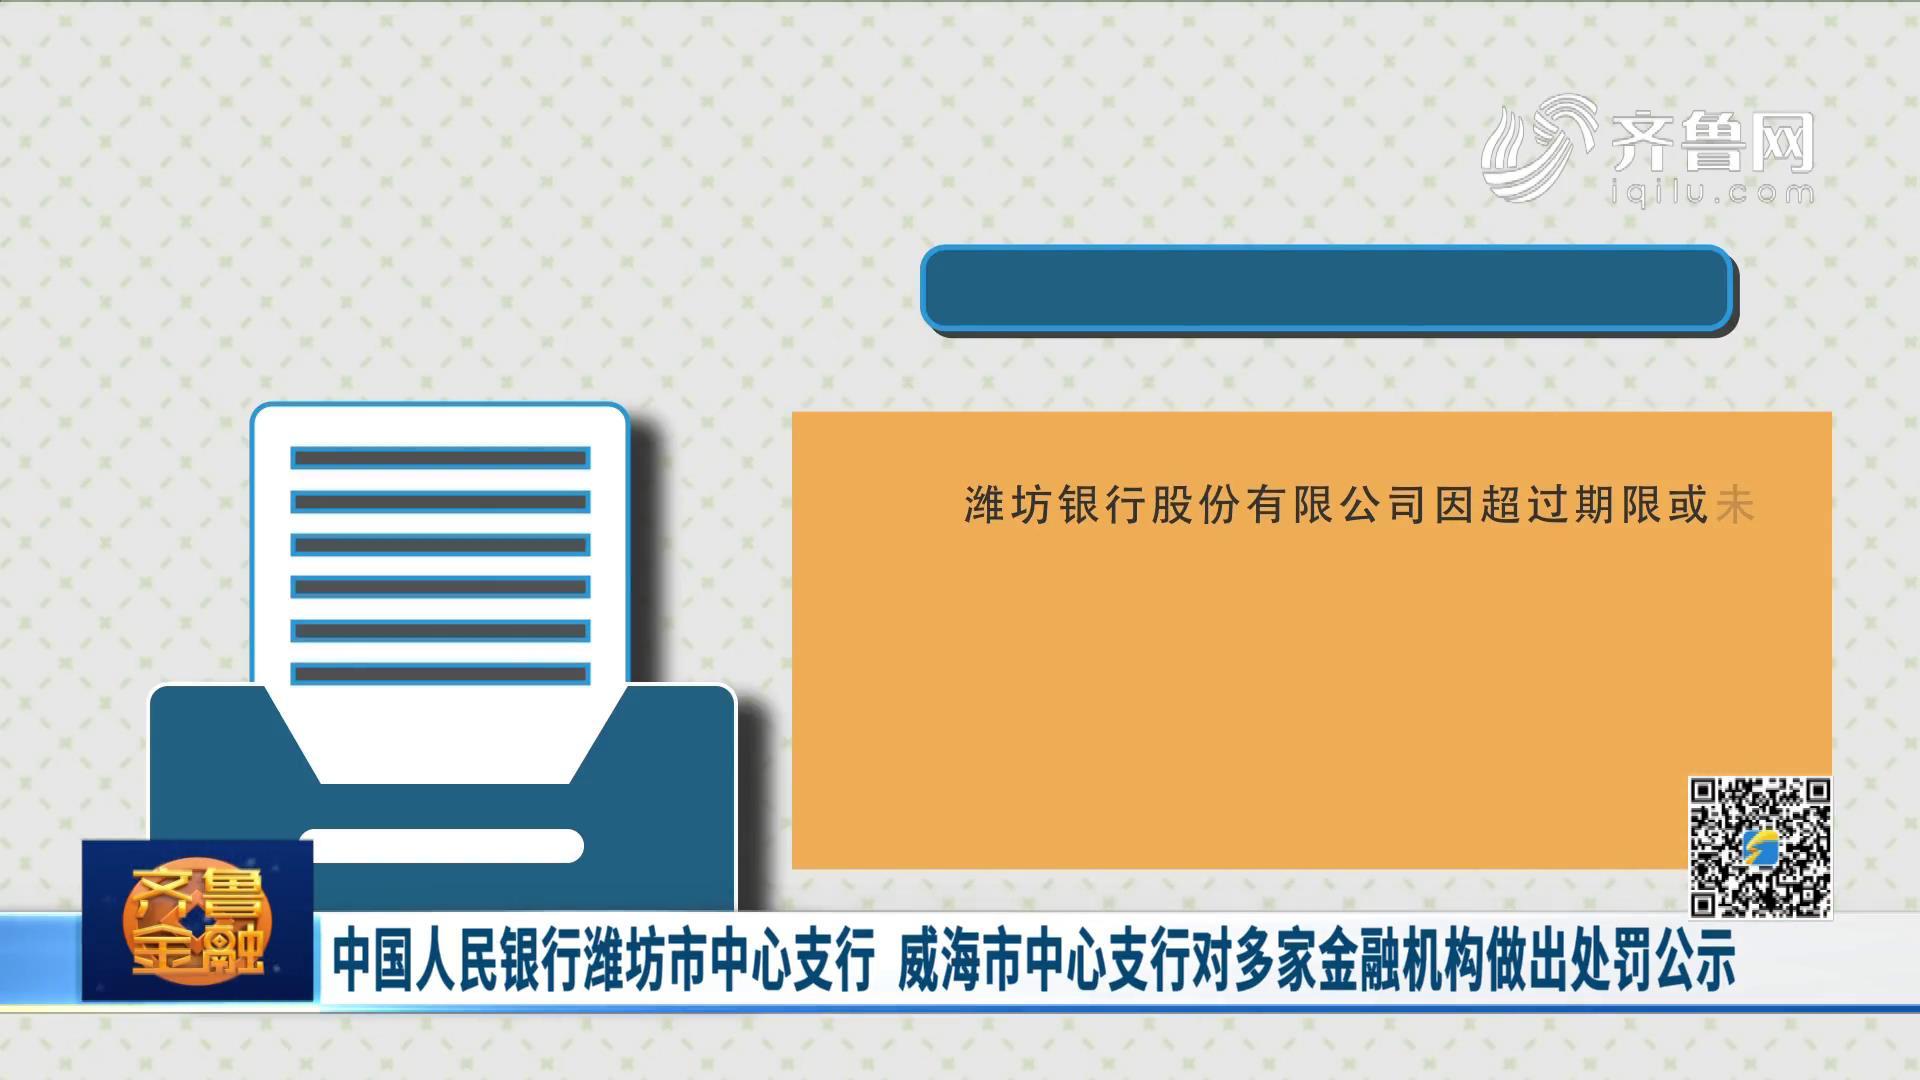 中国人民银行潍坊市中心支行 威海市中心支行对多家金融机构做出处罚公示《齐鲁金融》20201209播出